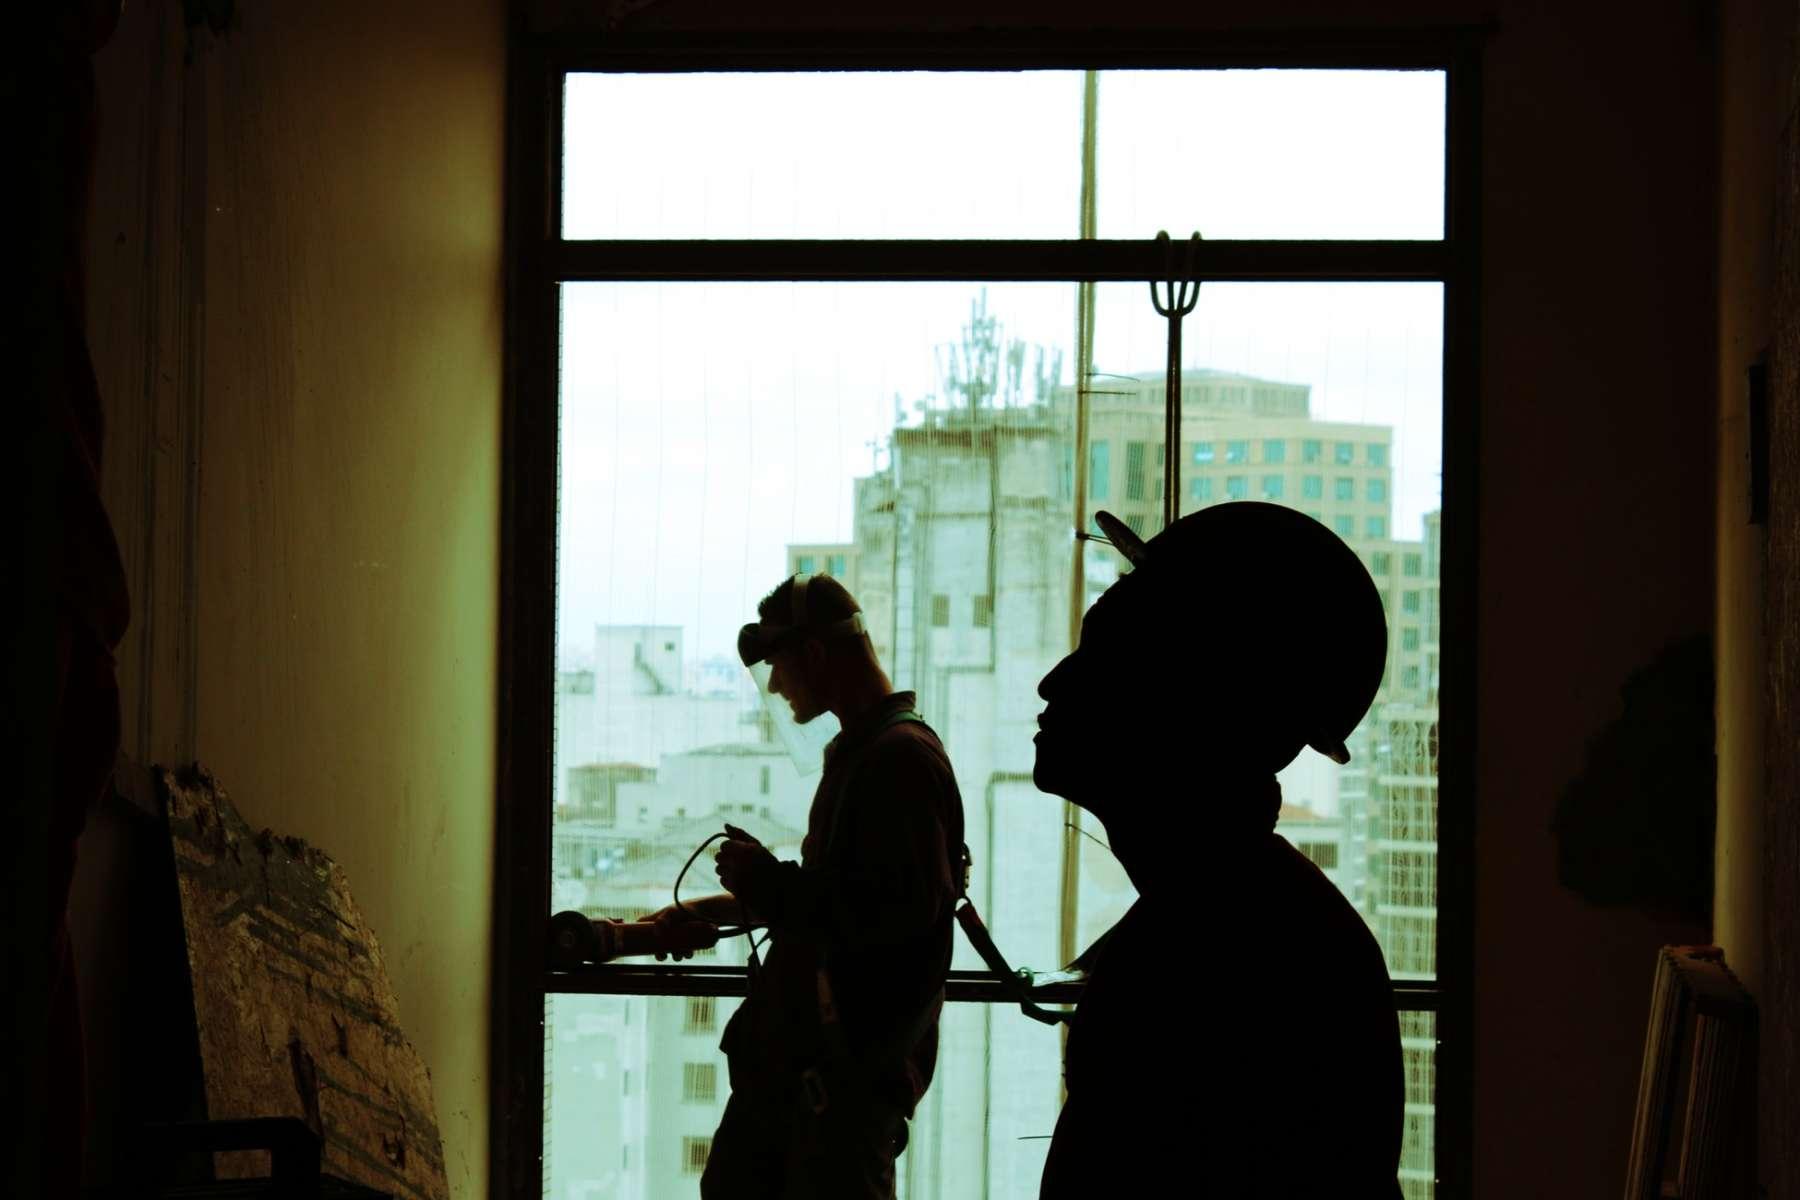 L'avant-projet de loi instaurant une pension libre complémentaire pour les travailleurs salariés a été approuvé par le Conseil des Ministres